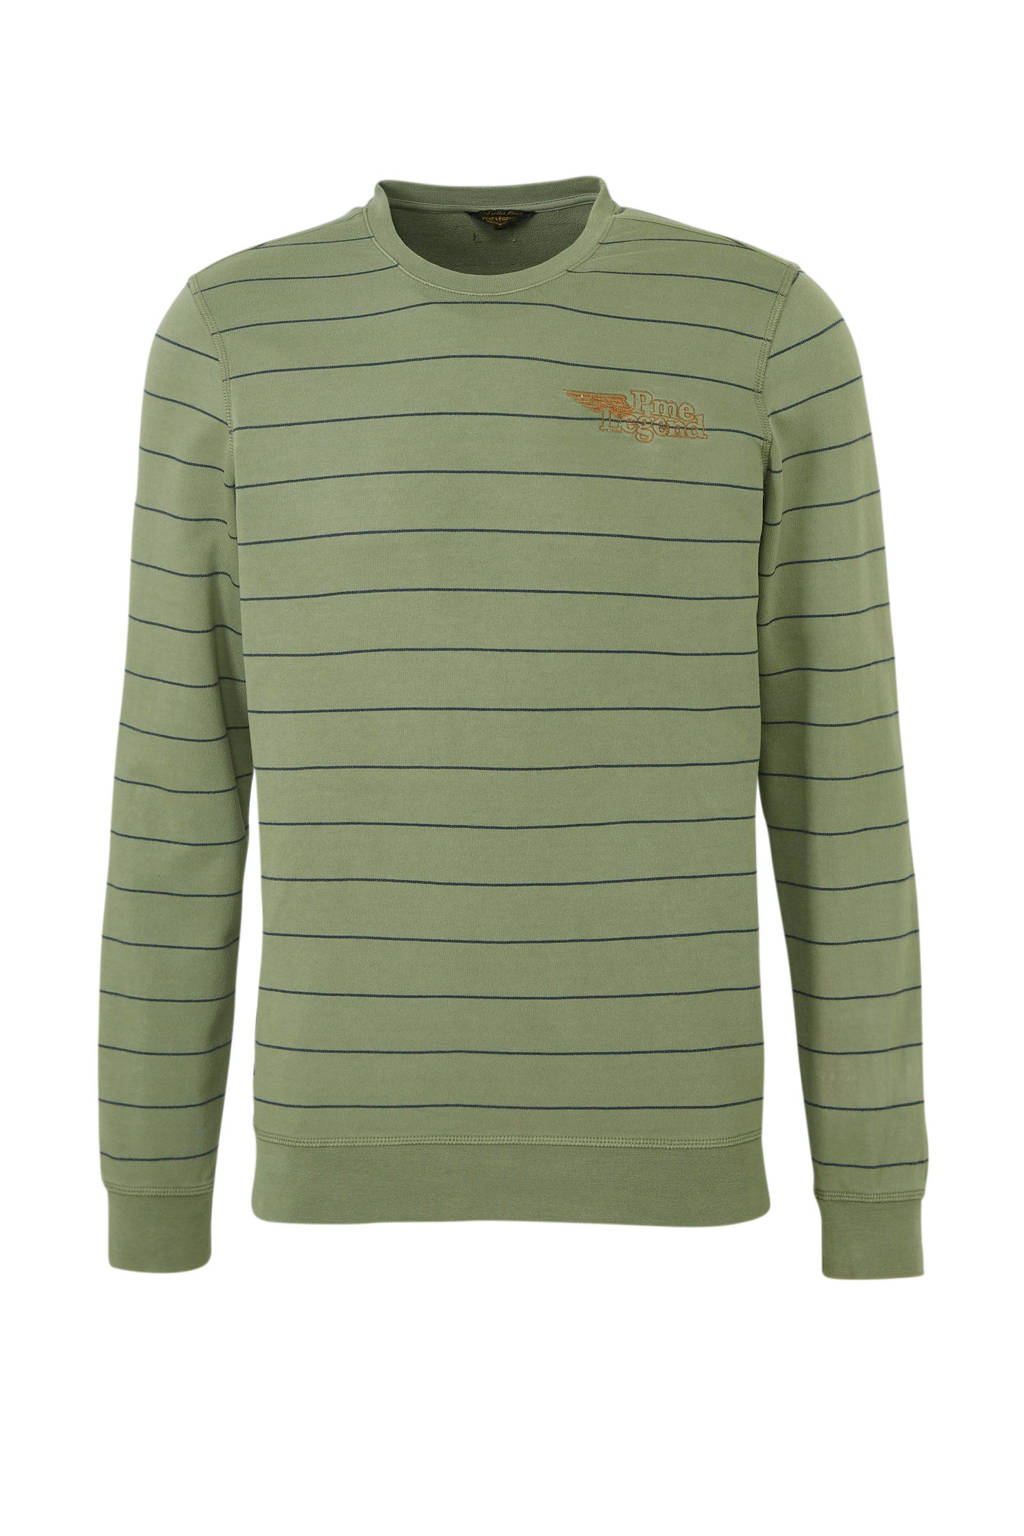 PME Legend gestreepte sweater groen, Groen